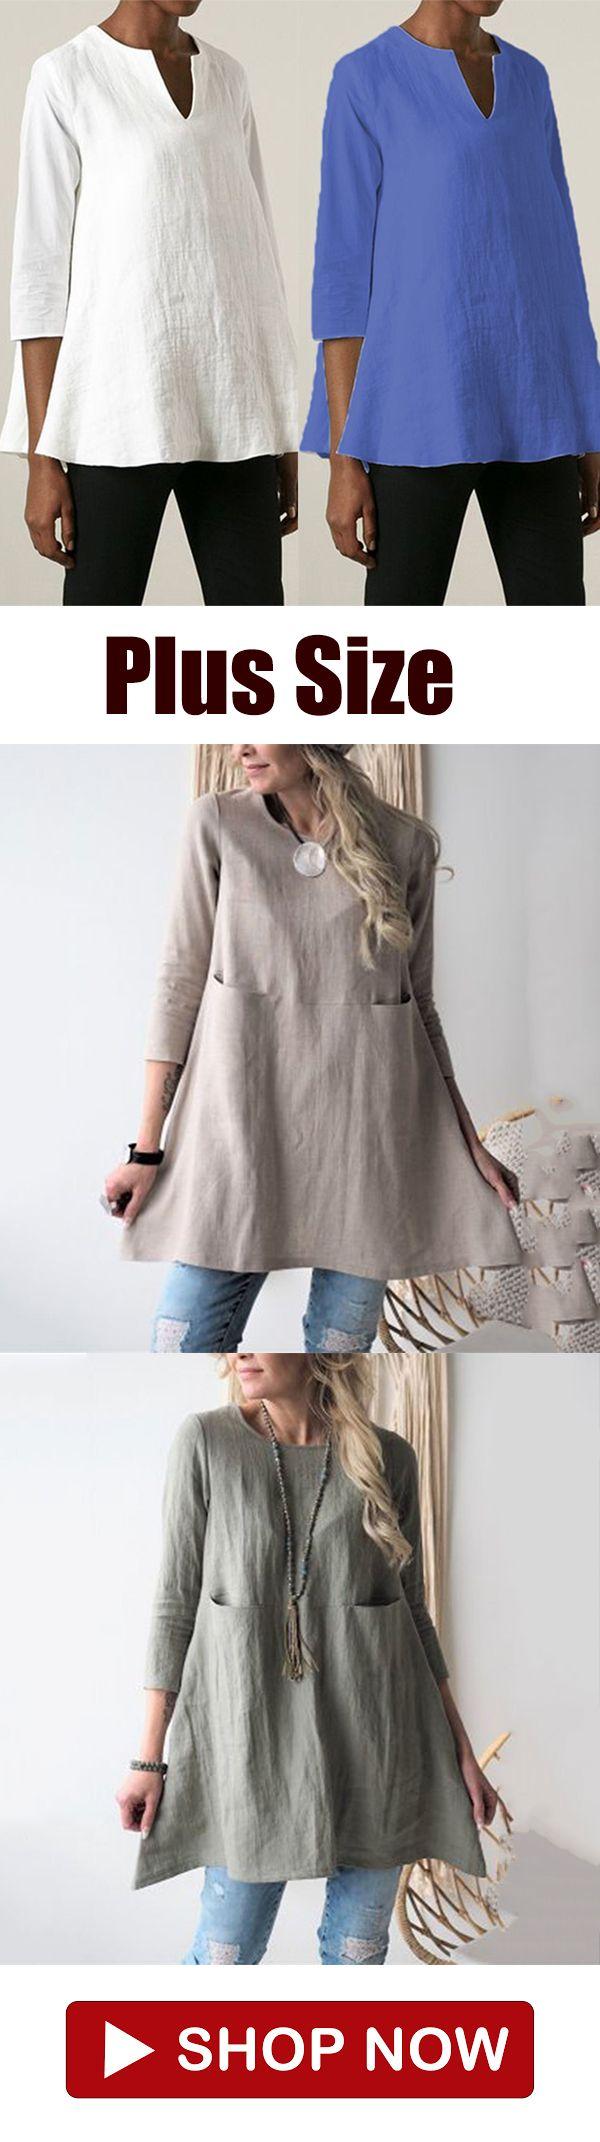 Photo of Simple & Basic Blouse&shirts